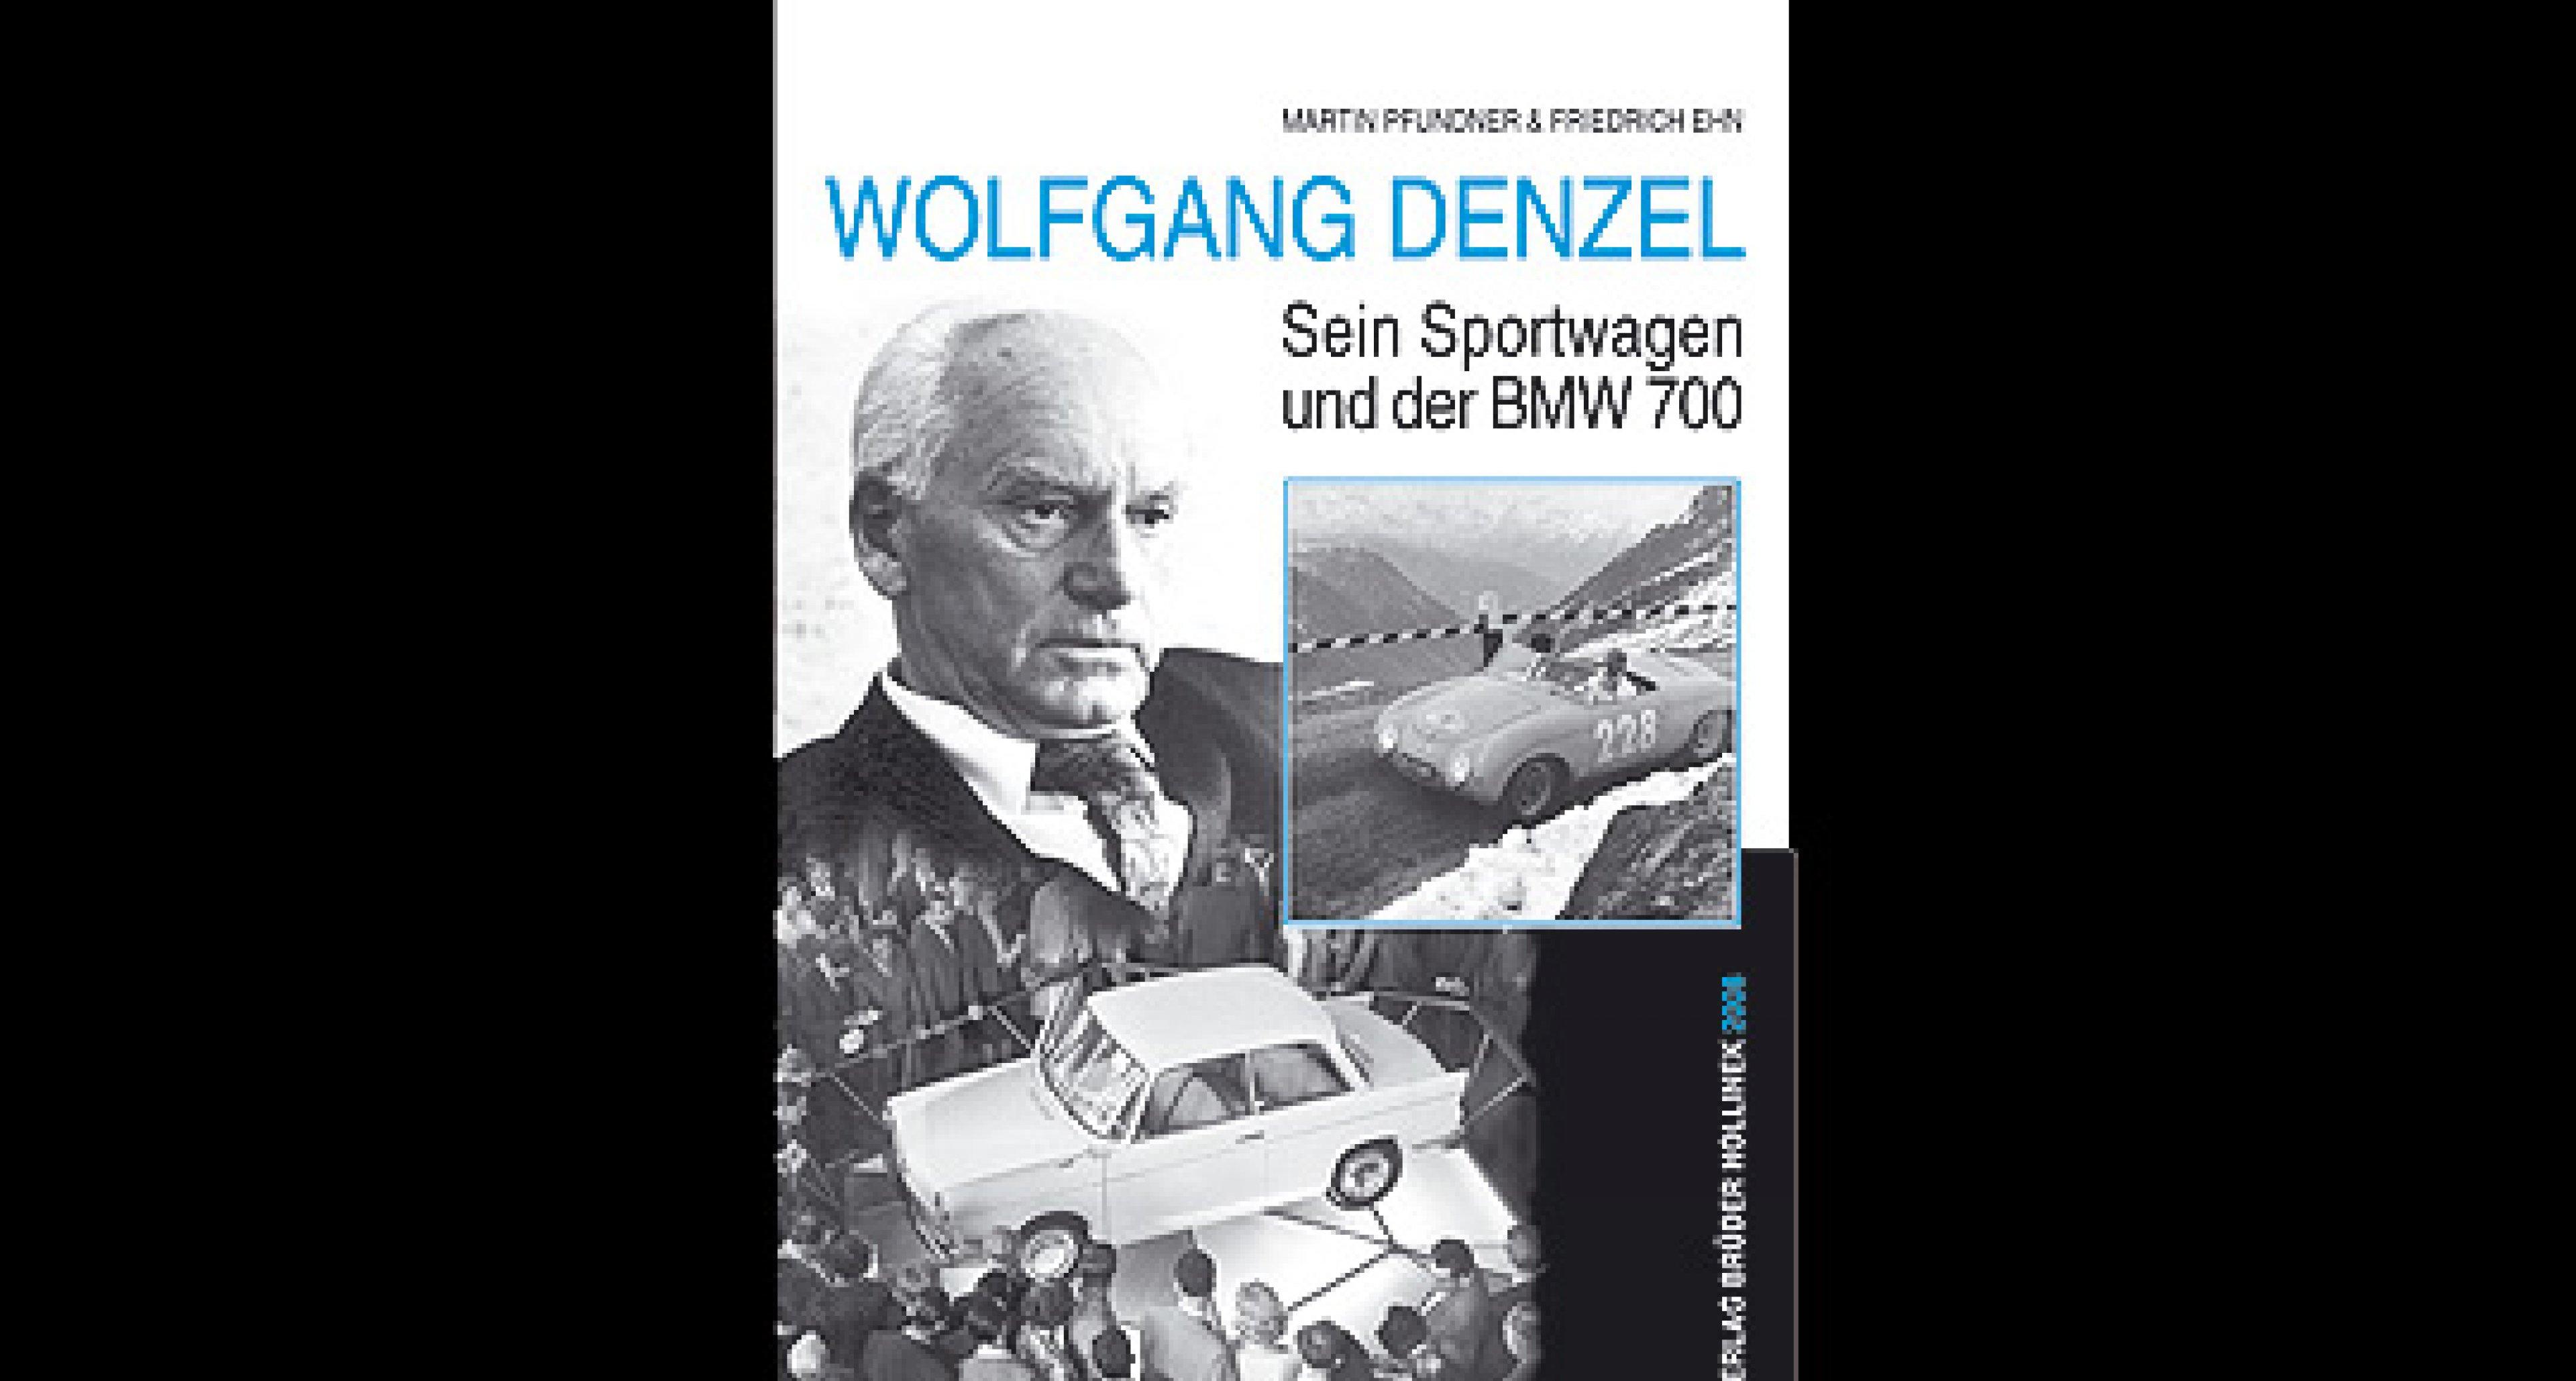 Buchtipp: Wolfgang Denzel – Sein Sportwagen und der BMW 700